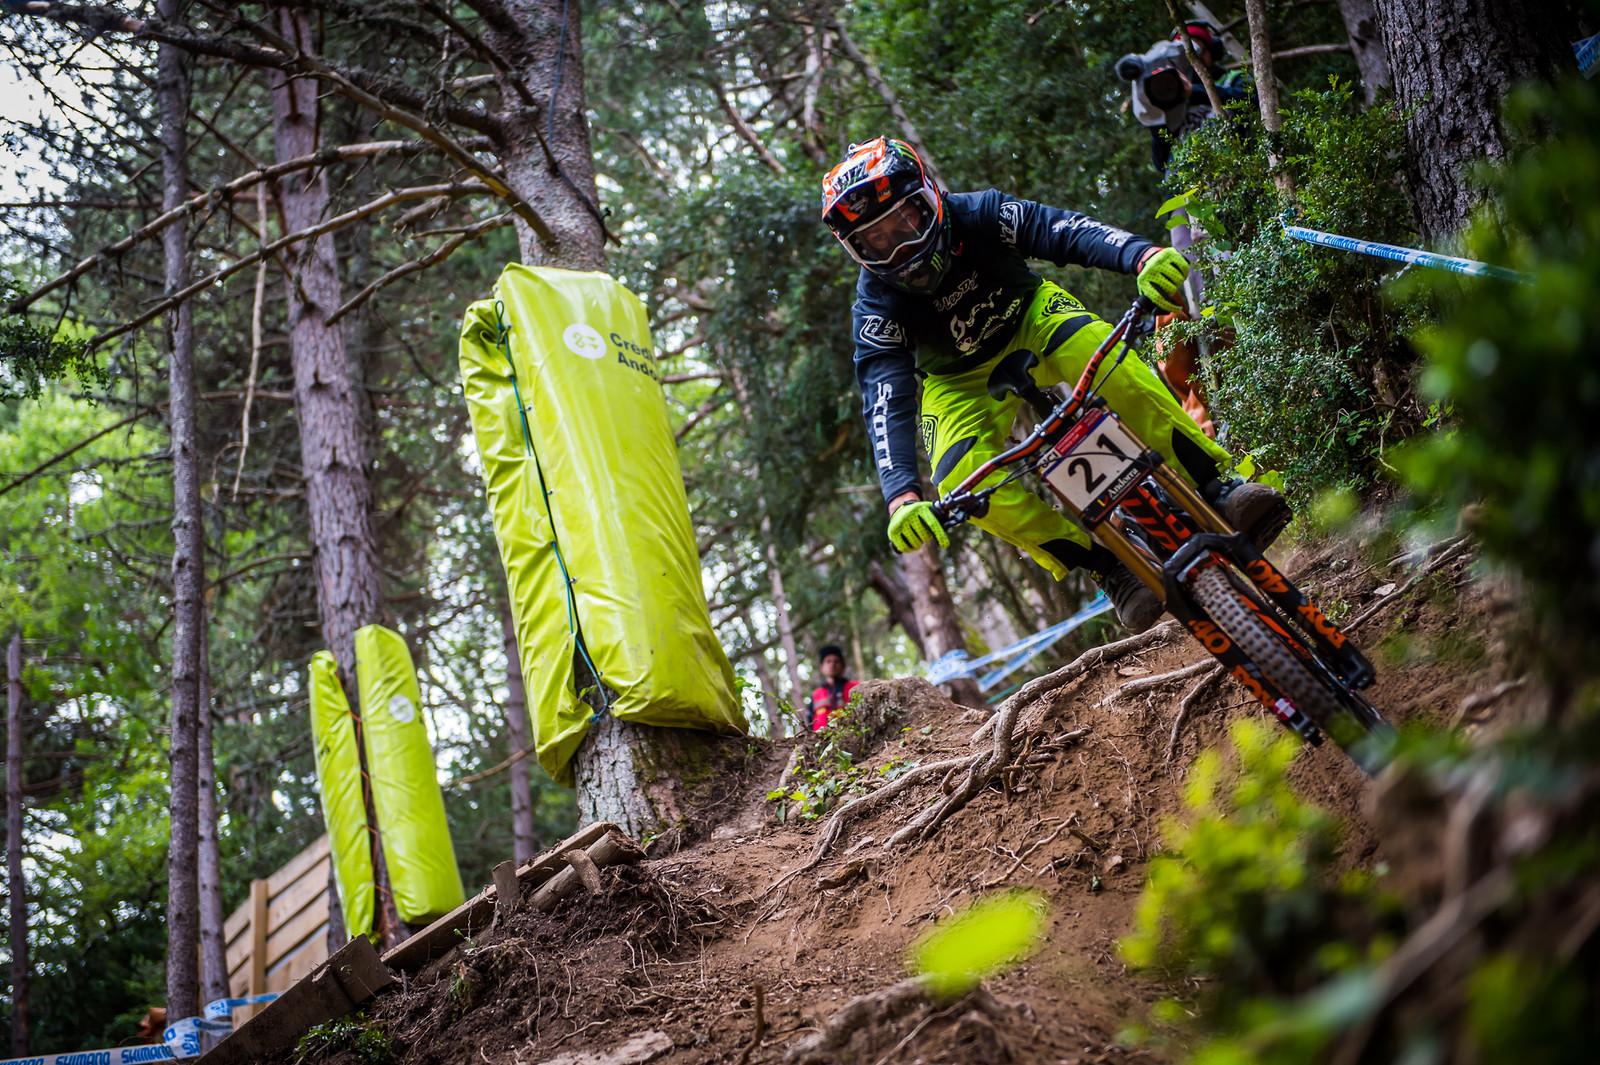 Brendan Fairclough Finals - iceman2058 - Mountain Biking Pictures - Vital MTB